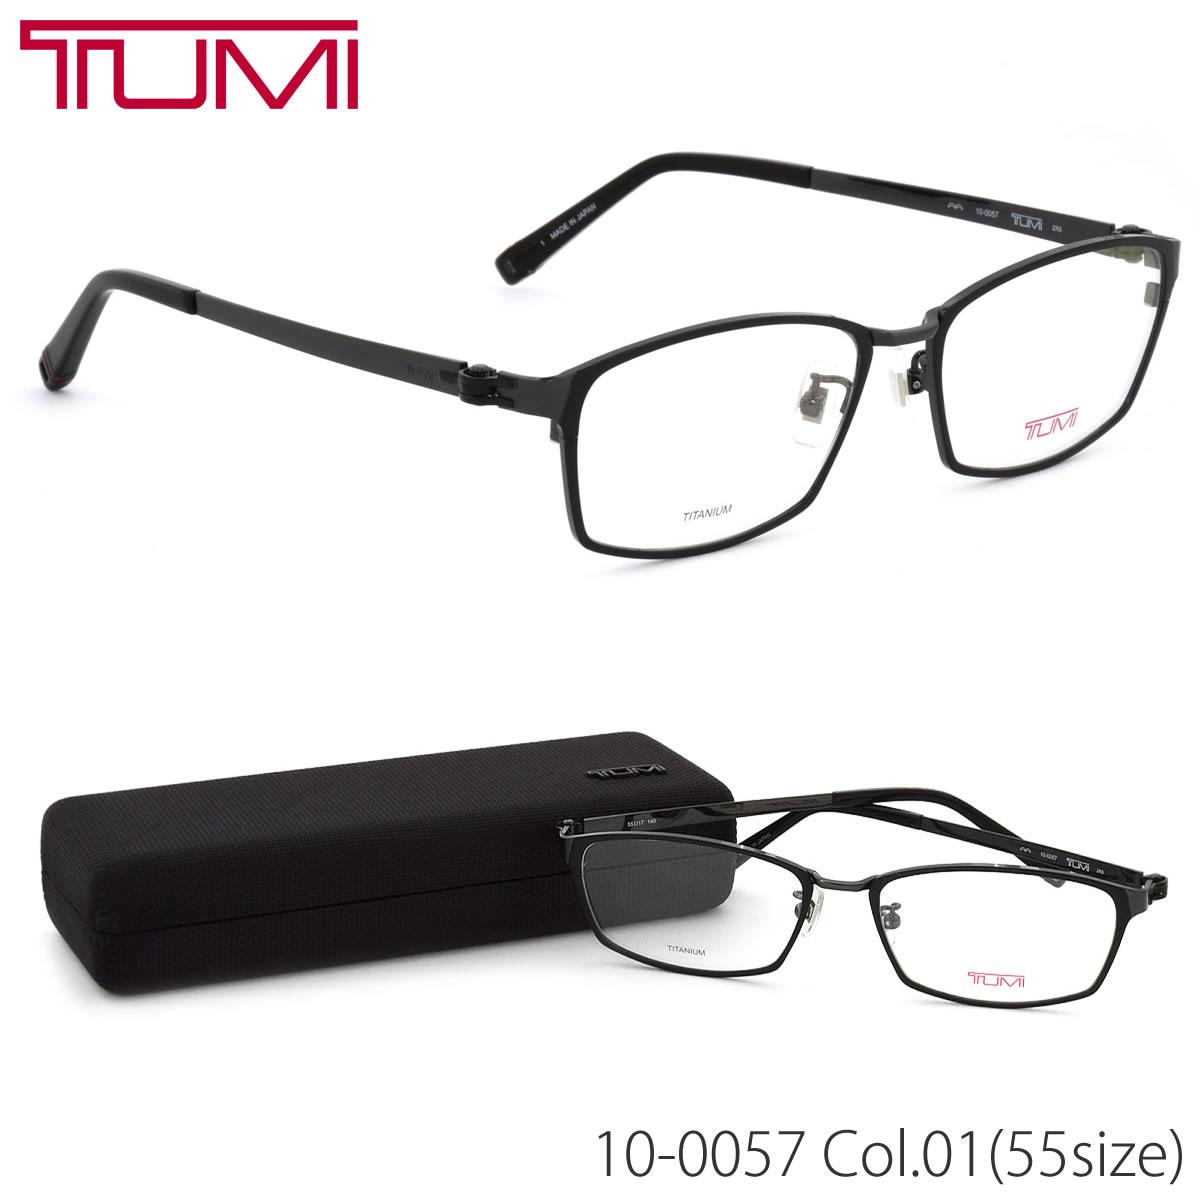 トゥミ TUMI メガネ10-0057 01 55サイズスクエア チタニウム チタン 軽量 シンプル スマート ビジネストゥミ TUMI メンズ レディース